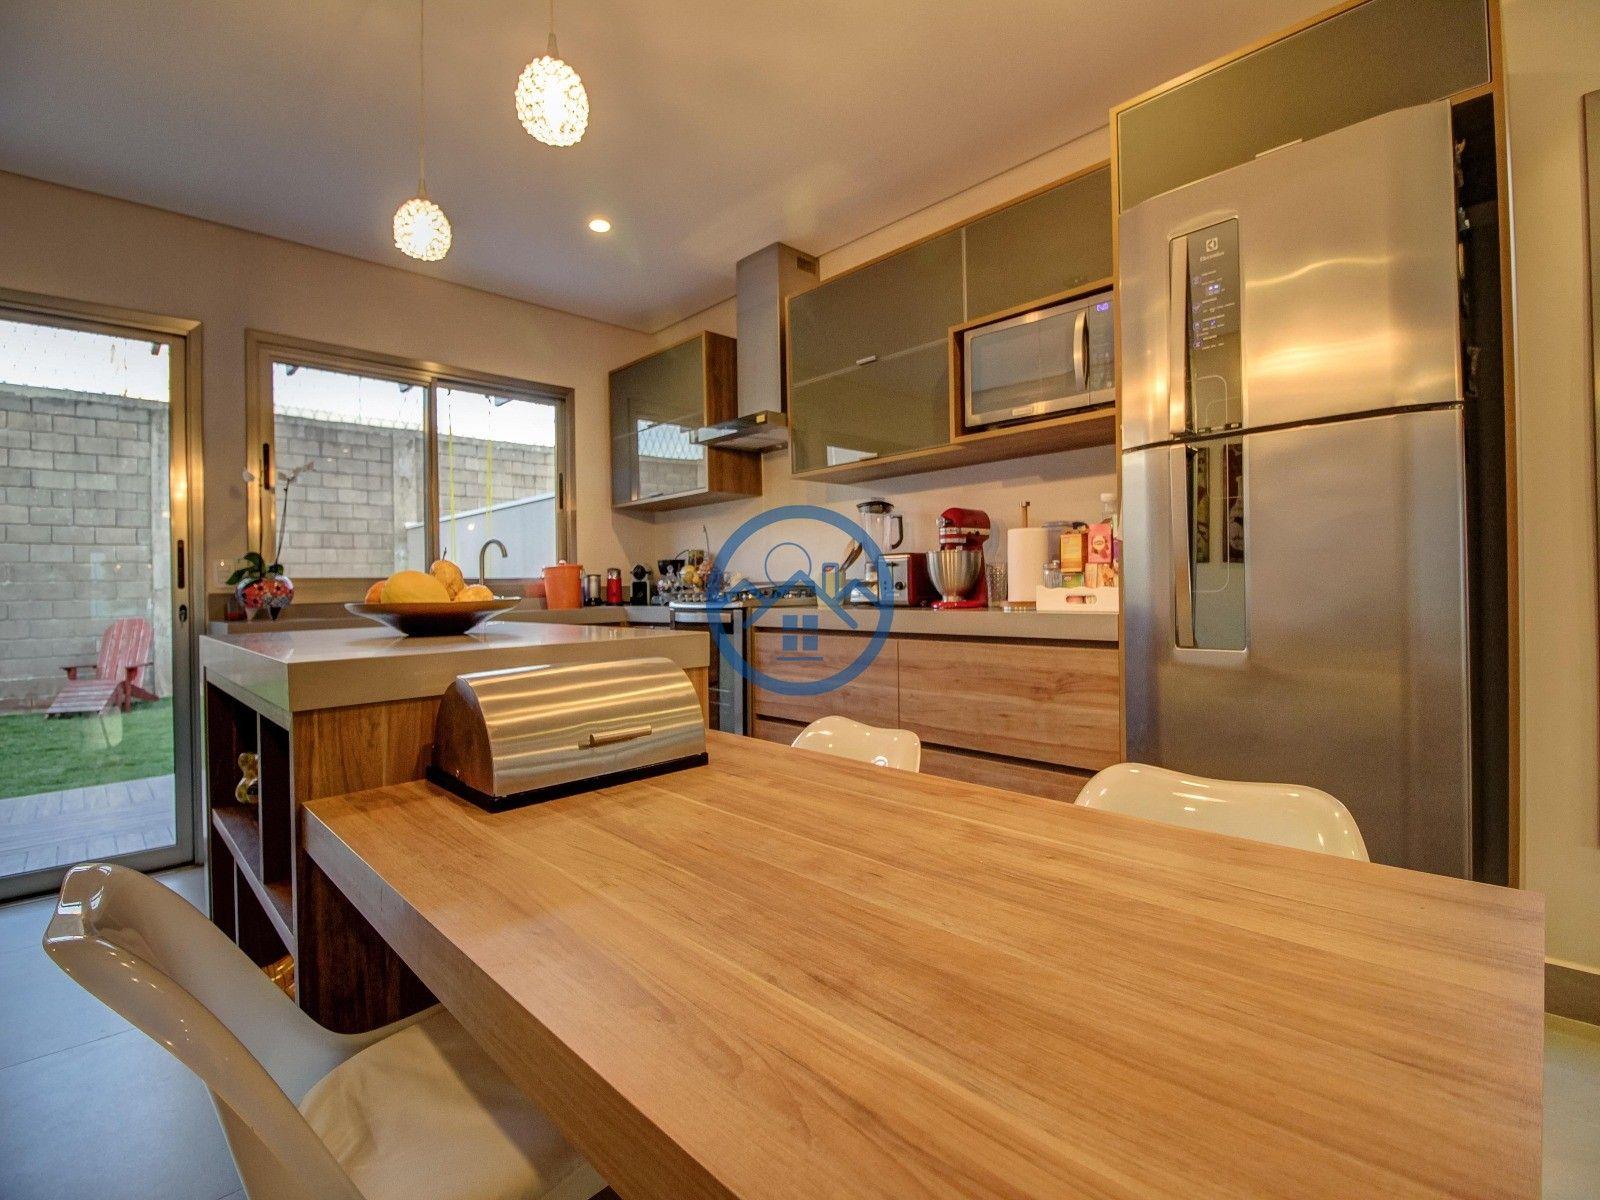 Cozinha Rustico Moderno Decora Es Pinterest Cozinhas